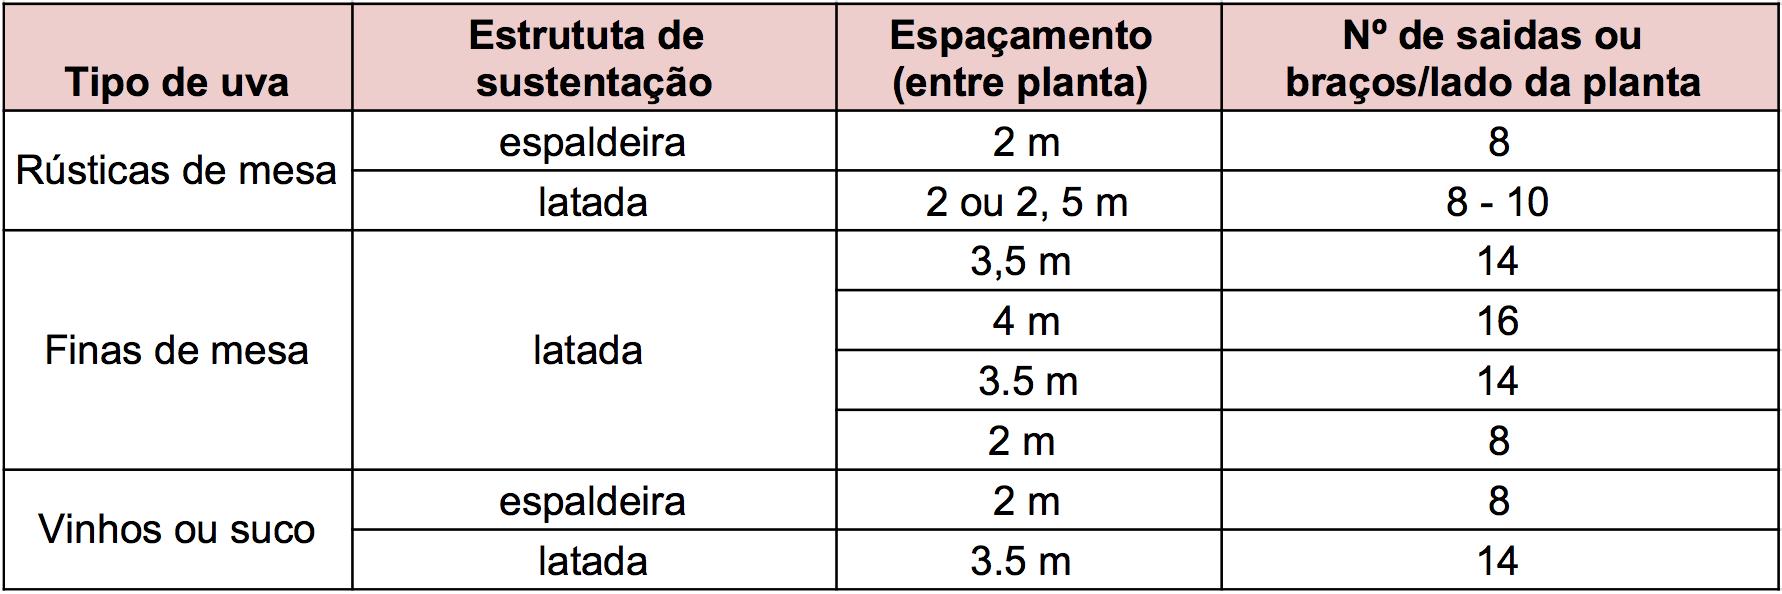 Tabela de espaçamento mais utilizado para cada sistema de plantio de uva.